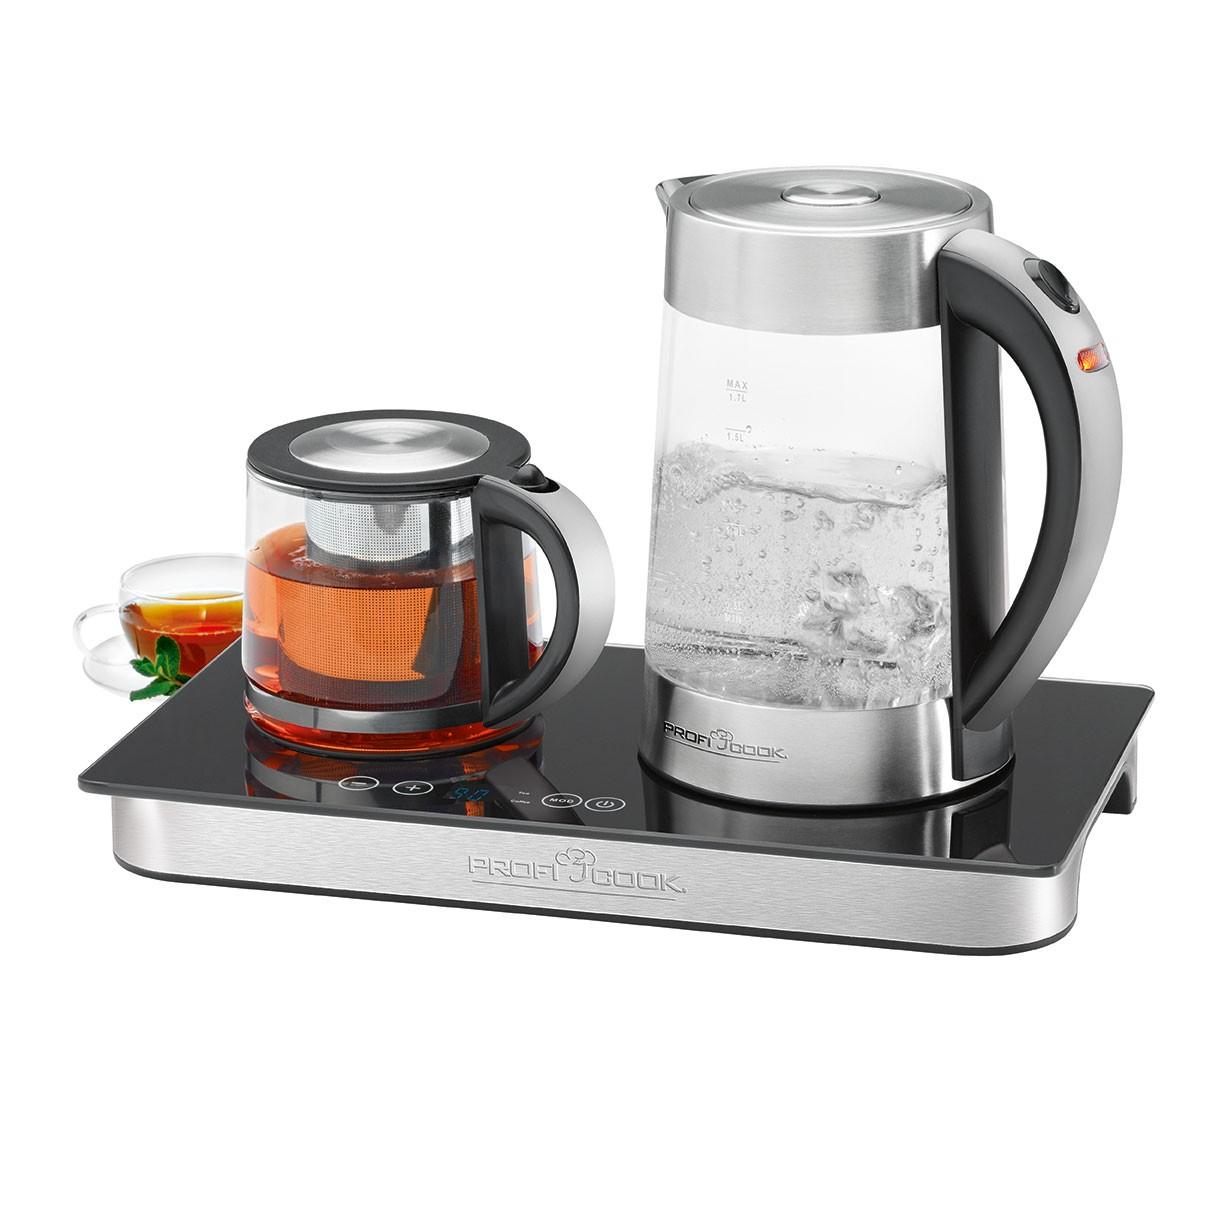 Set na vaření vody/čaje Profi Cook PC-TKS 1056